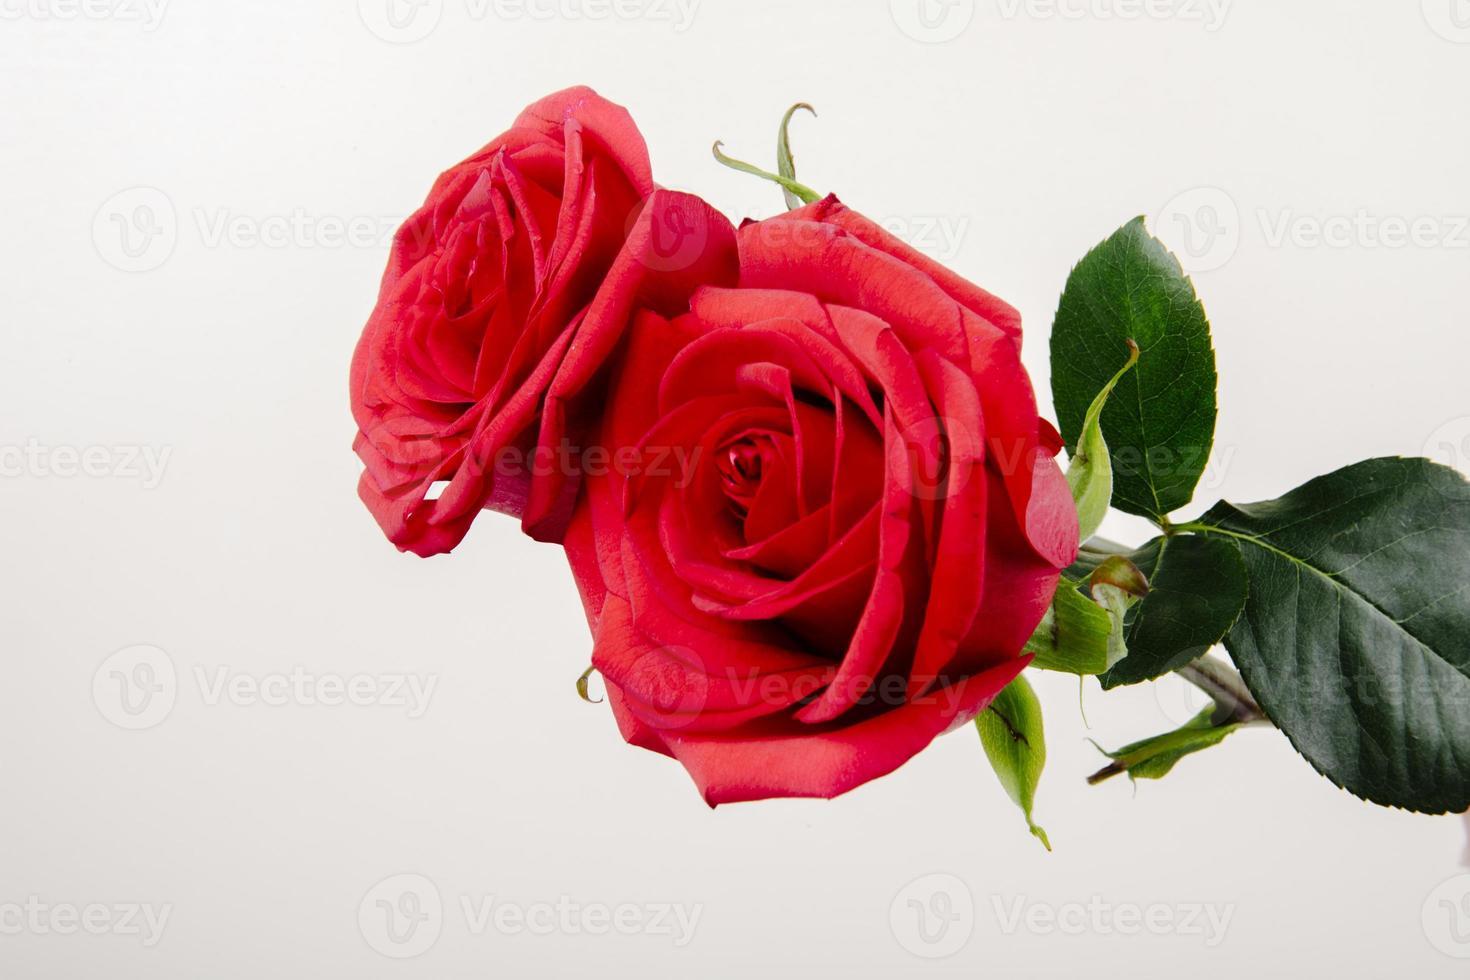 deux roses rouges isolés sur fond blanc photo